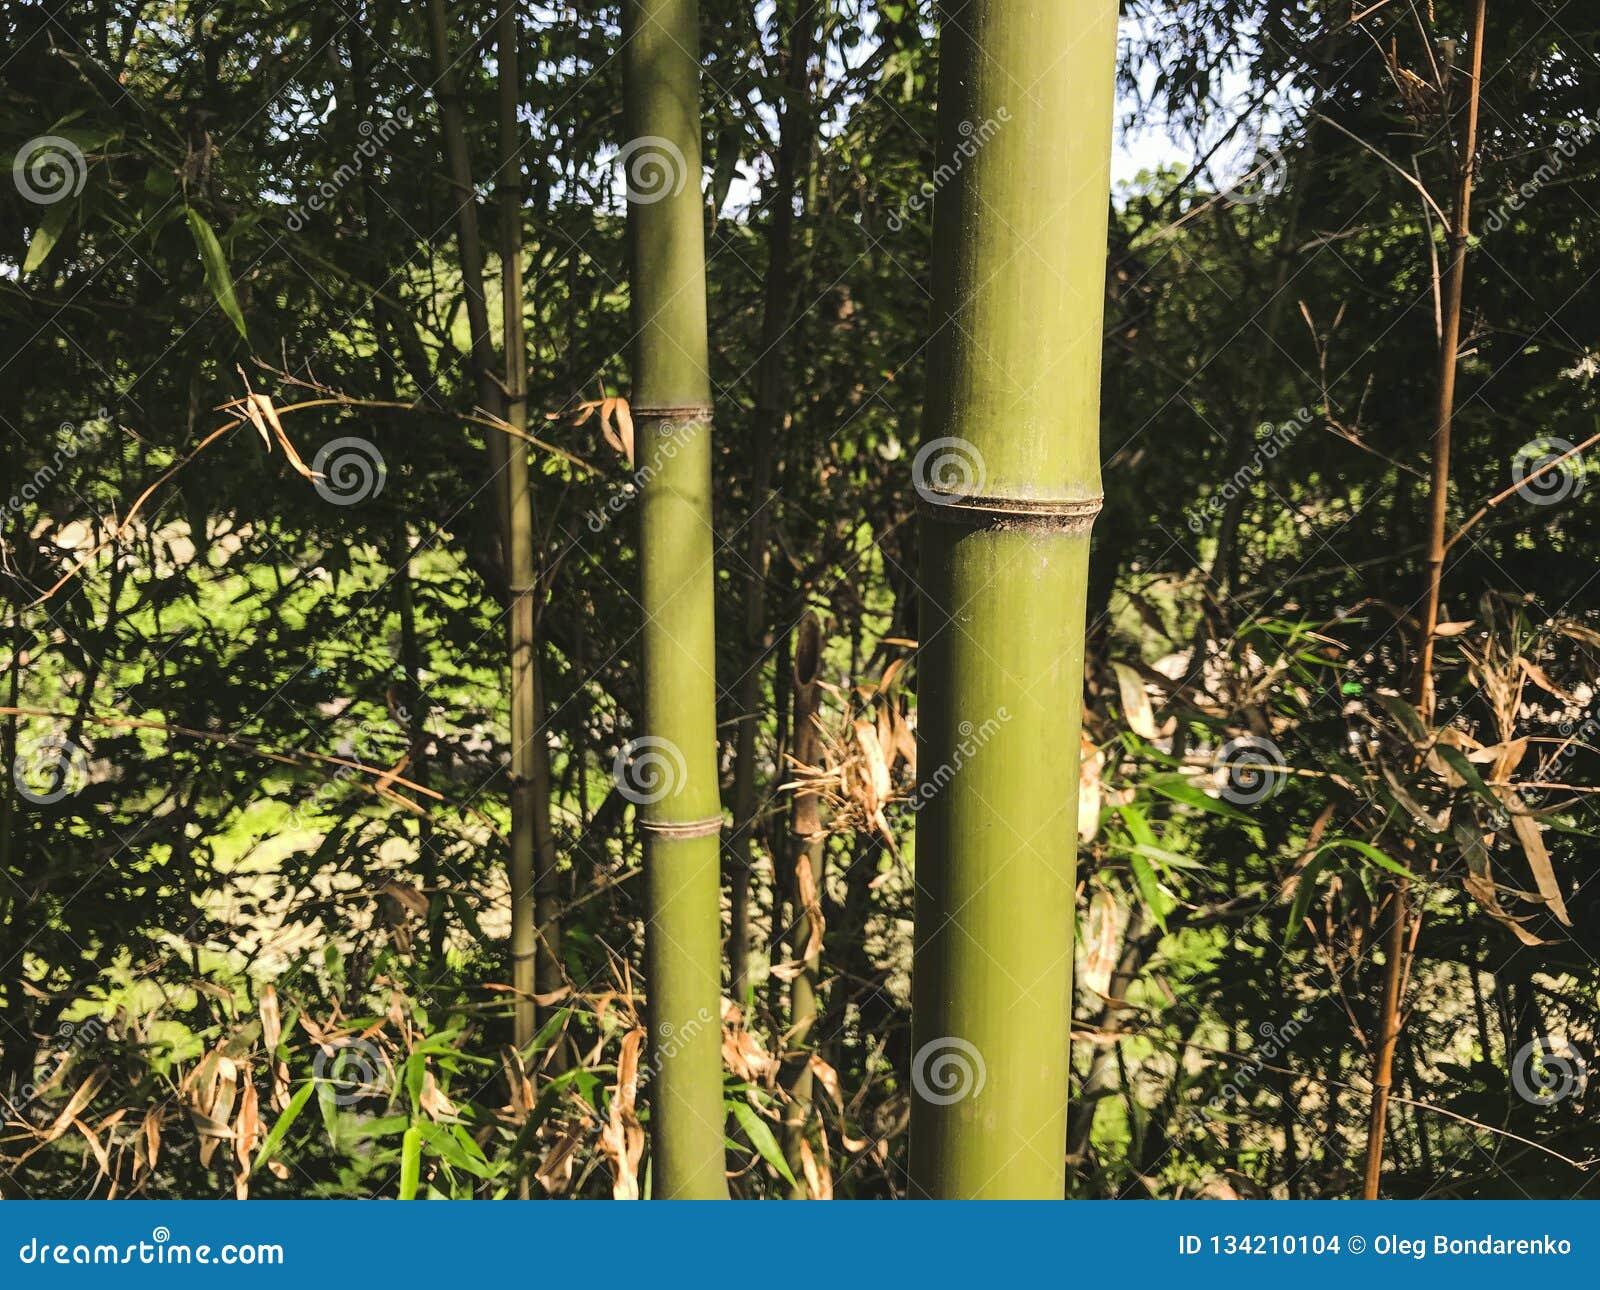 Groen bamboe in het bosje, Zuid-Korea